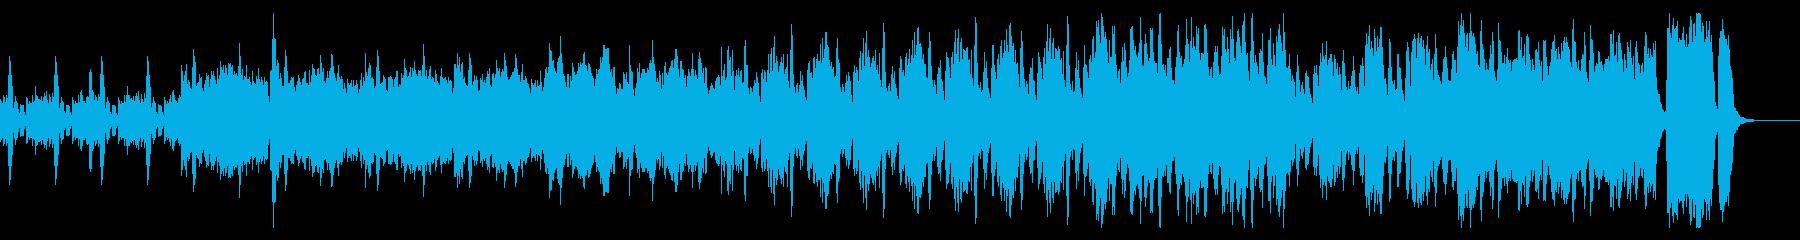 モダンでモードなクールピアノストリングスの再生済みの波形